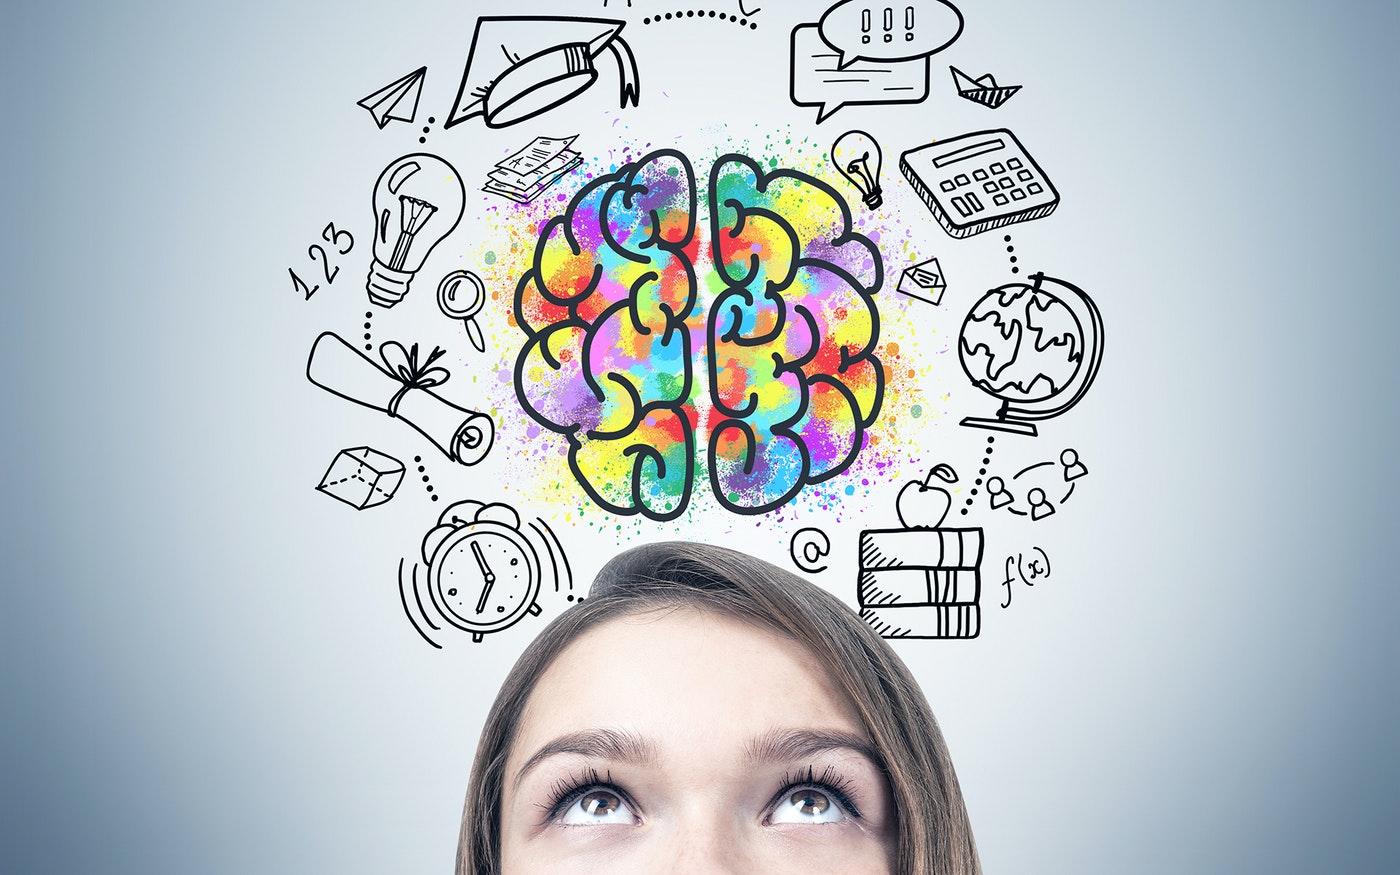 Manieren om voor je verbazingwekkende brein te zorgen